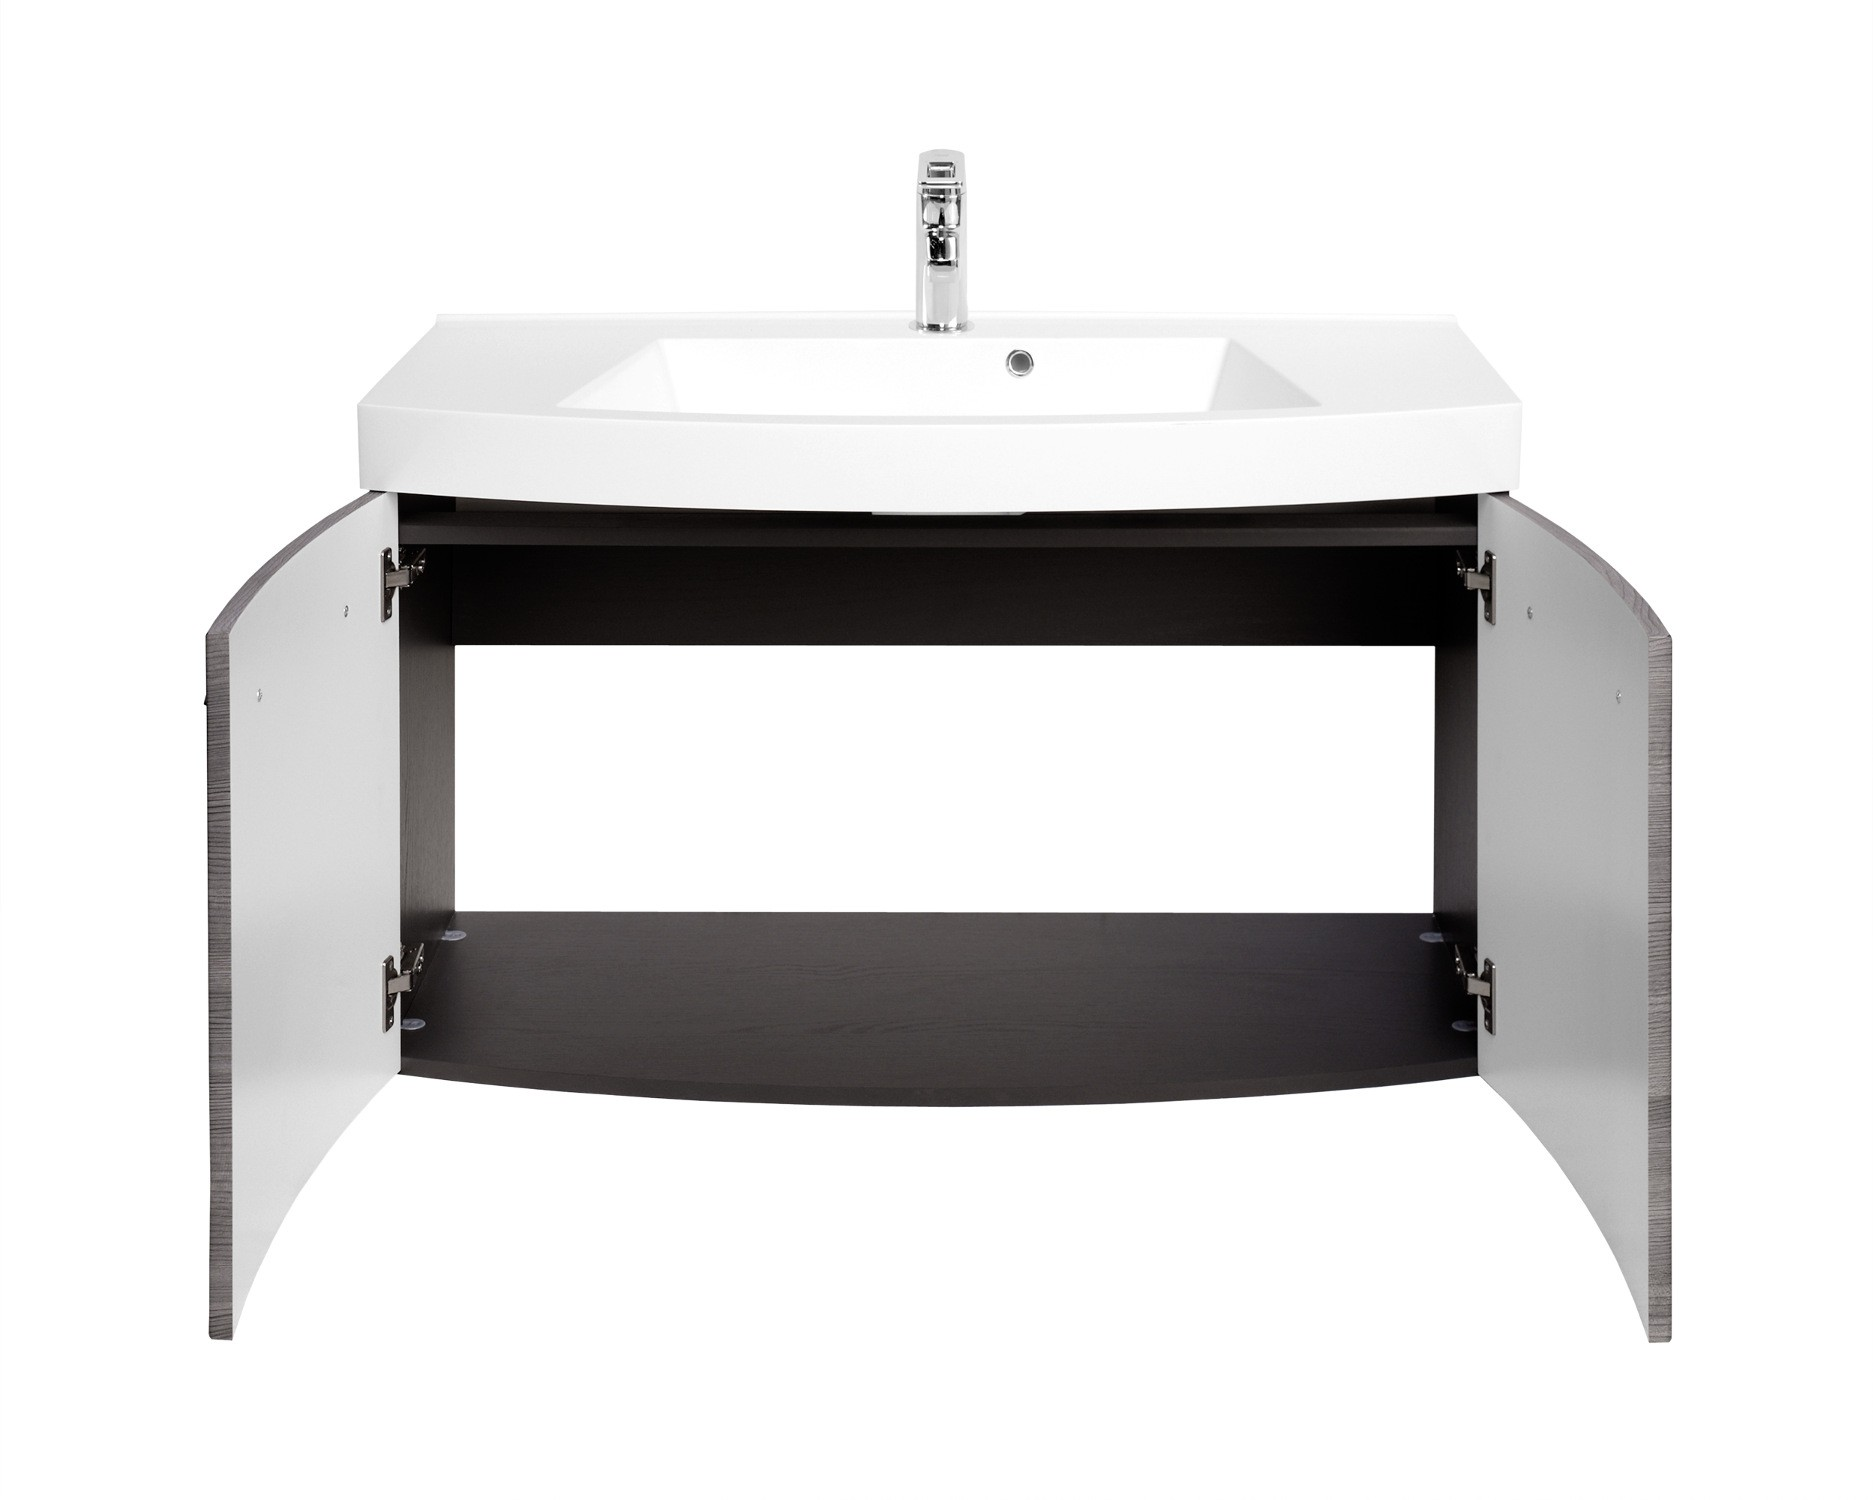 badm bel set florida mit waschtisch und spiegelschrank 6 teilig 205 cm breit eiche. Black Bedroom Furniture Sets. Home Design Ideas